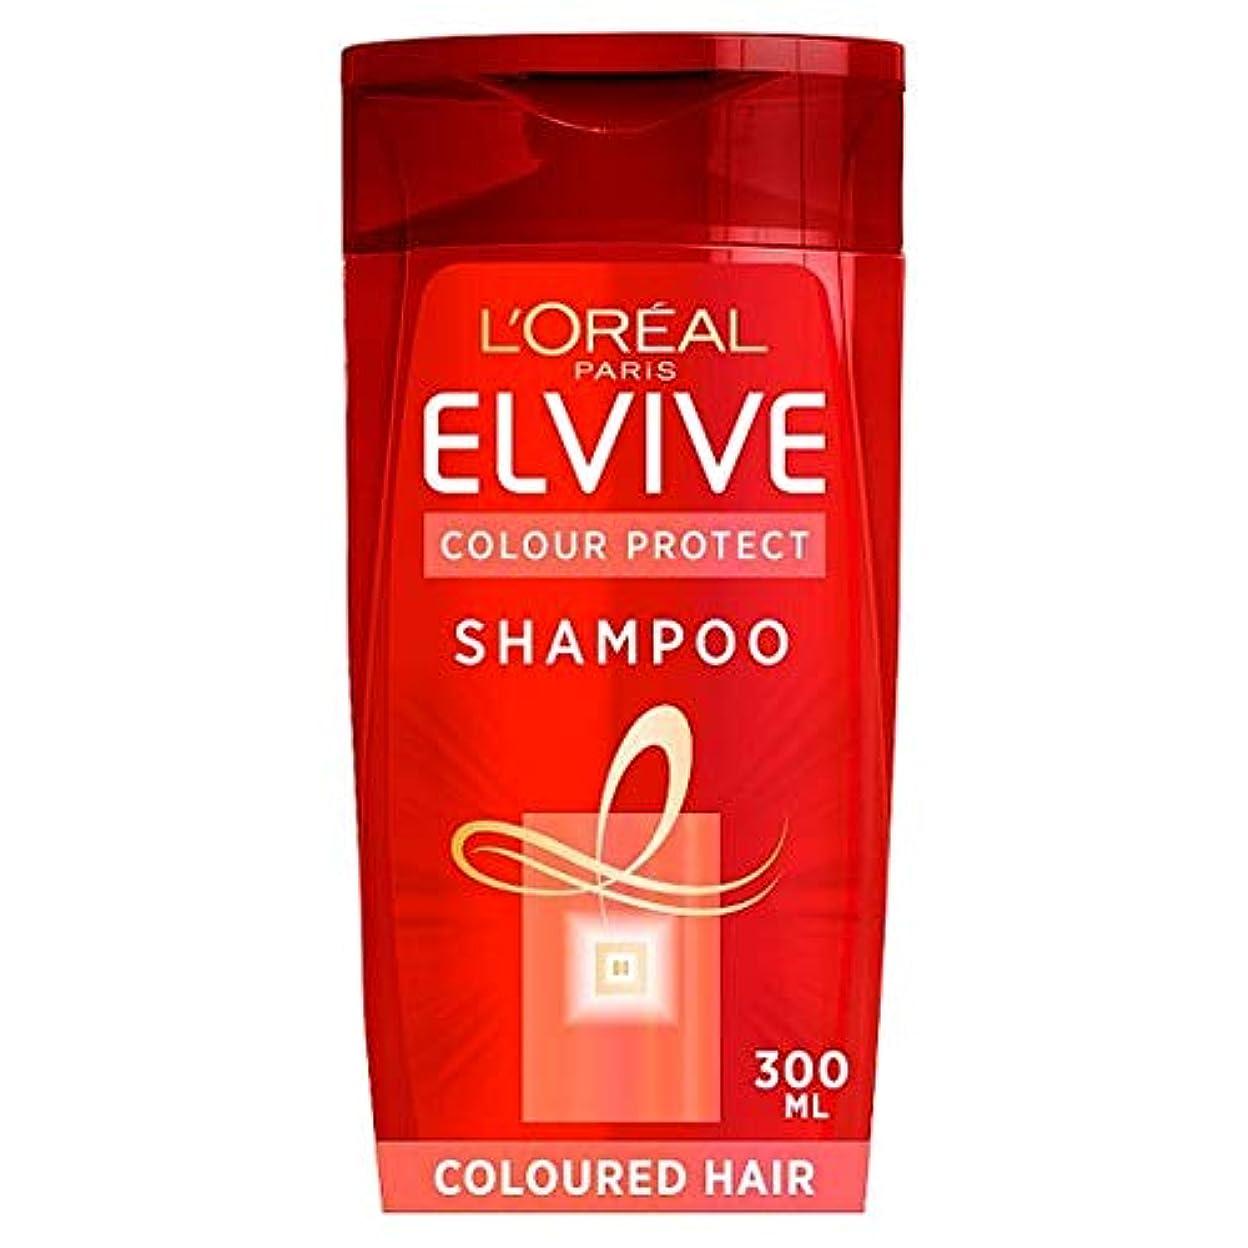 財産人気移行[Elvive] ロレアルのElviveの色は色の髪のシャンプー300ミリリットルを保護します - L'oreal Elvive Colour Protect Coloured Hair Shampoo 300Ml [並行輸入品]